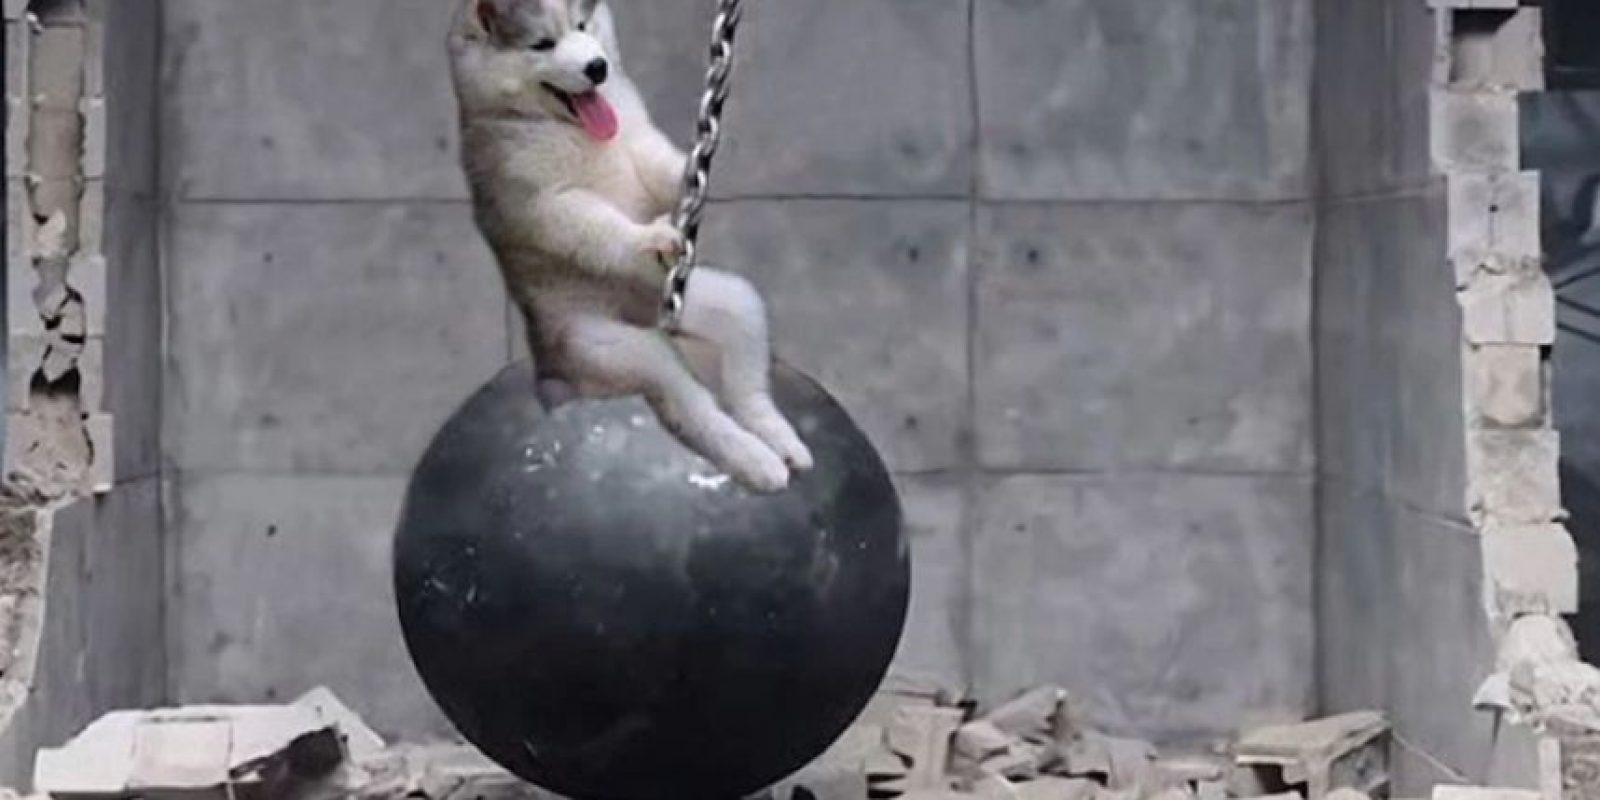 Este adorable perrito bebé quedó atrapado en un árbol. La imagen llegó a Internet, y claro, los memes y el Photoshop hicieron lo suyo. Foto:Reddit